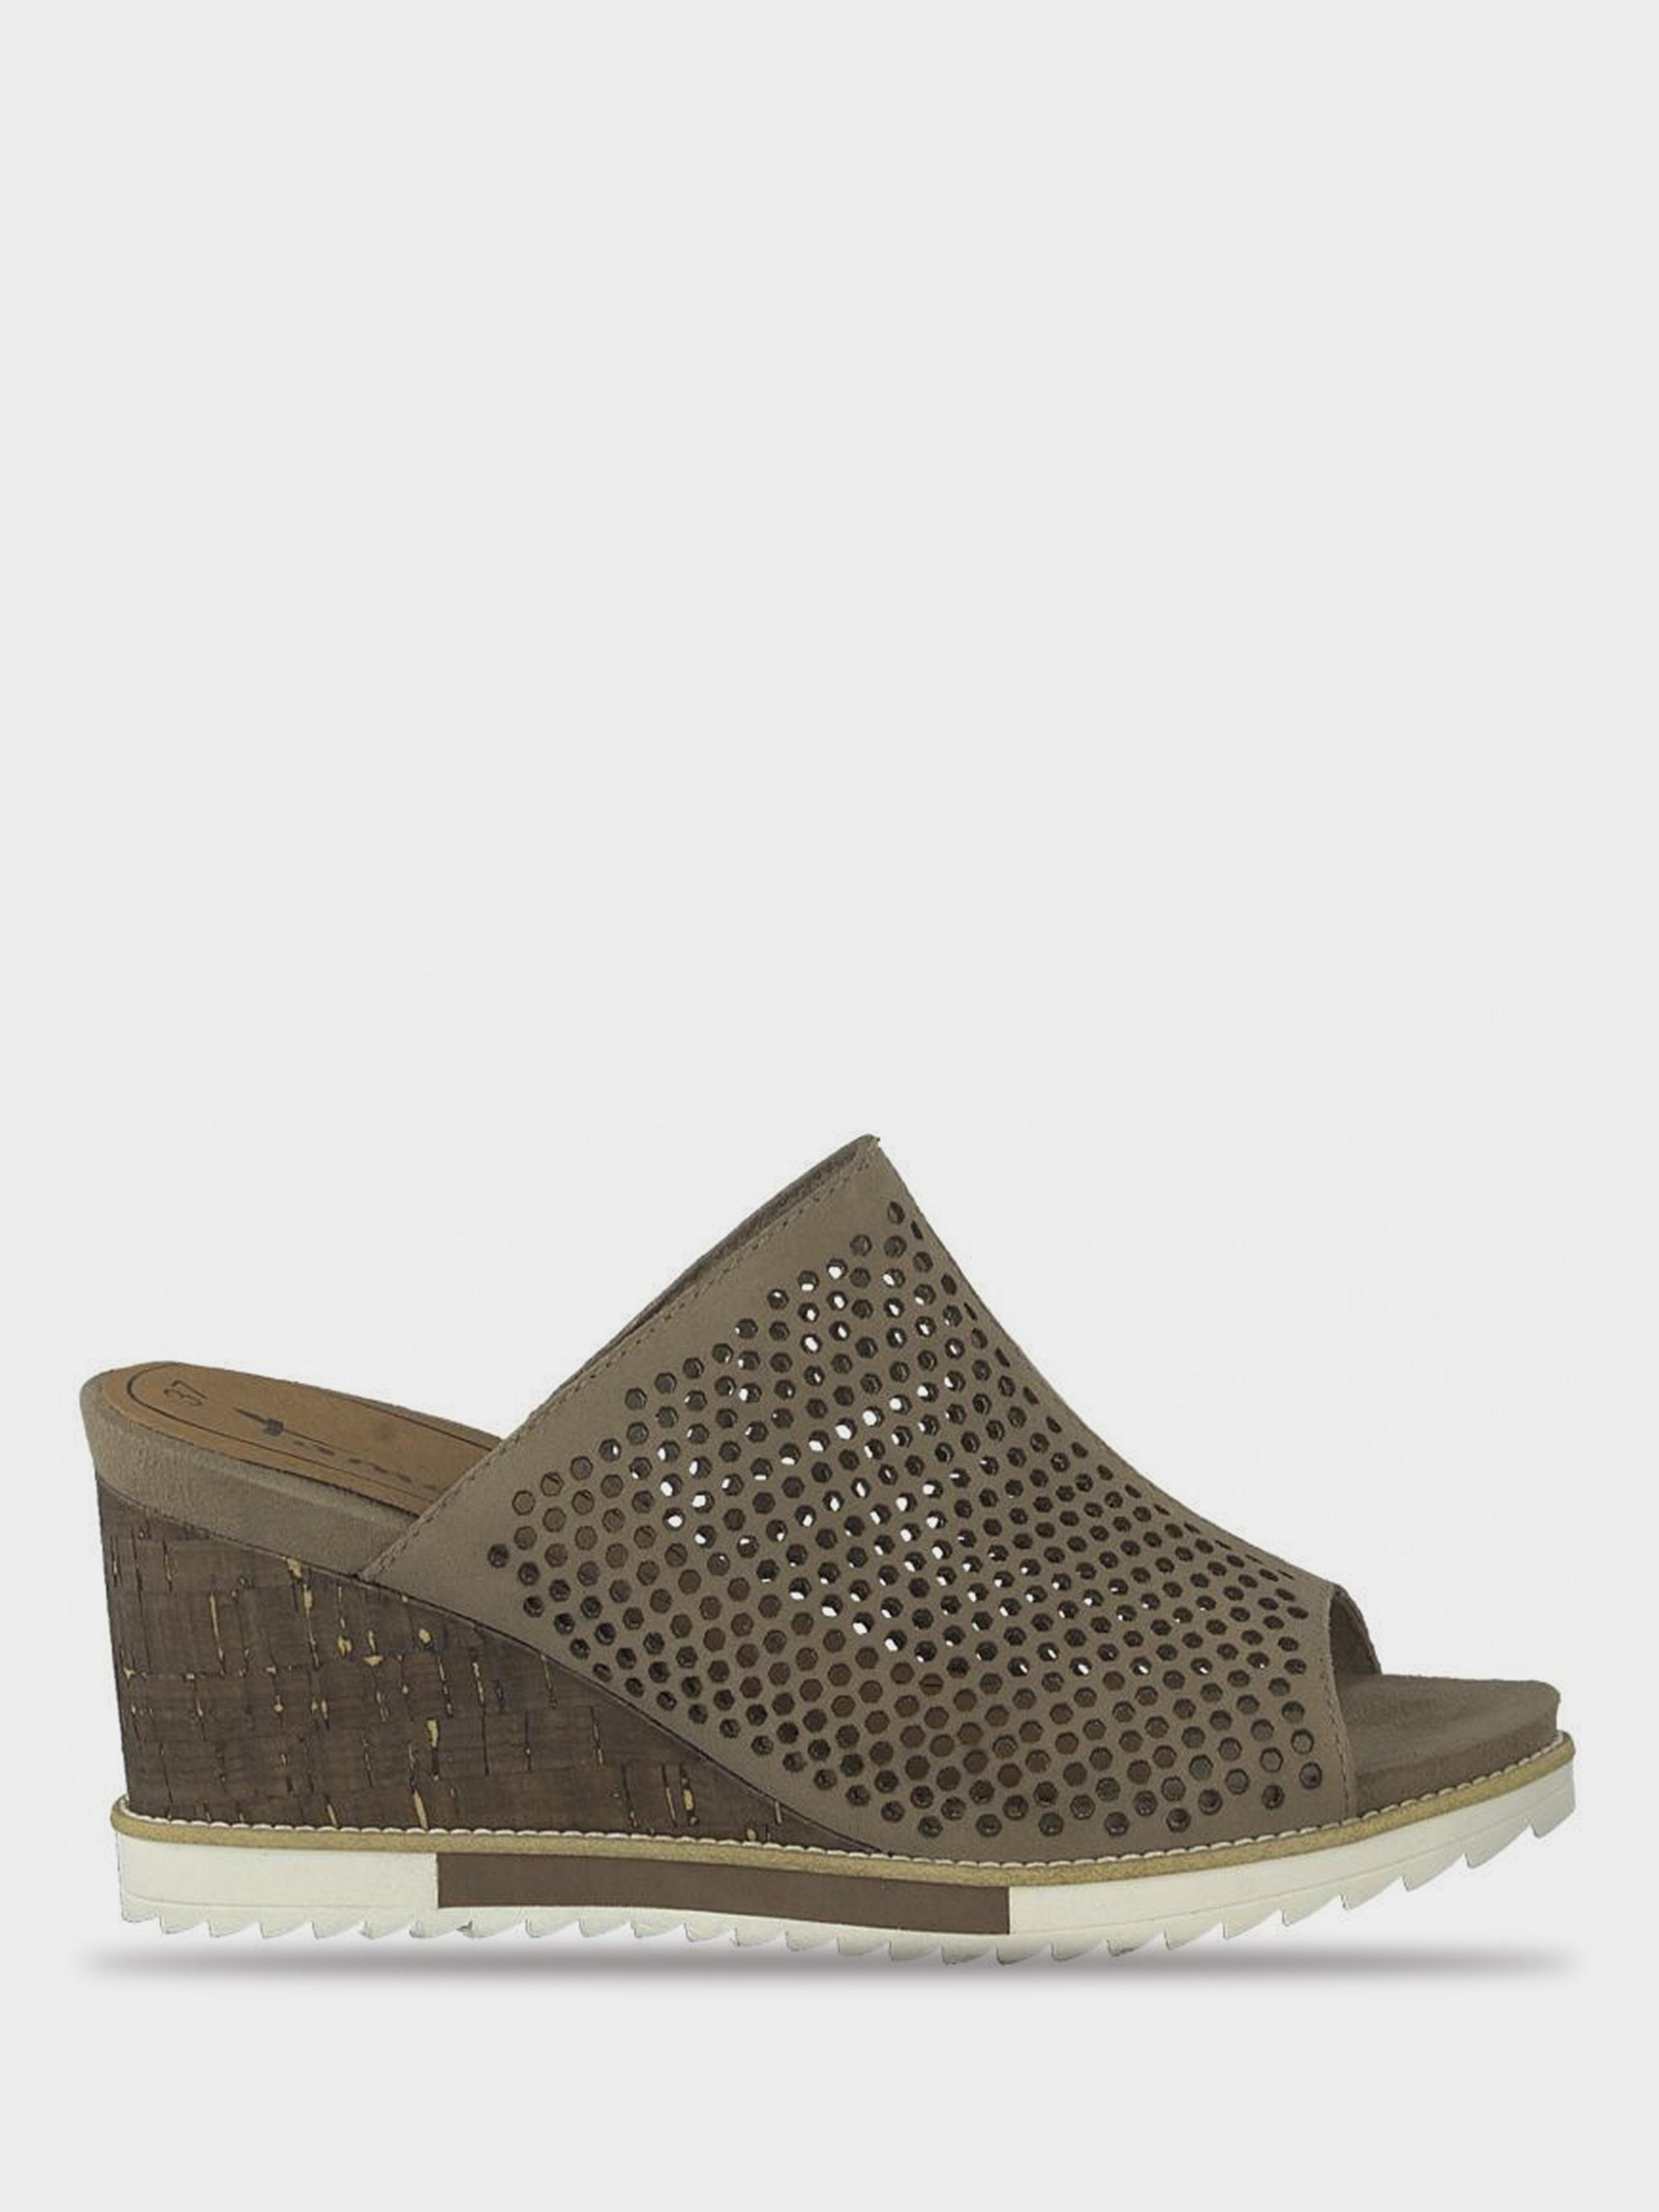 Шлёпанцы для женщин Tamaris IS572 размерная сетка обуви, 2017